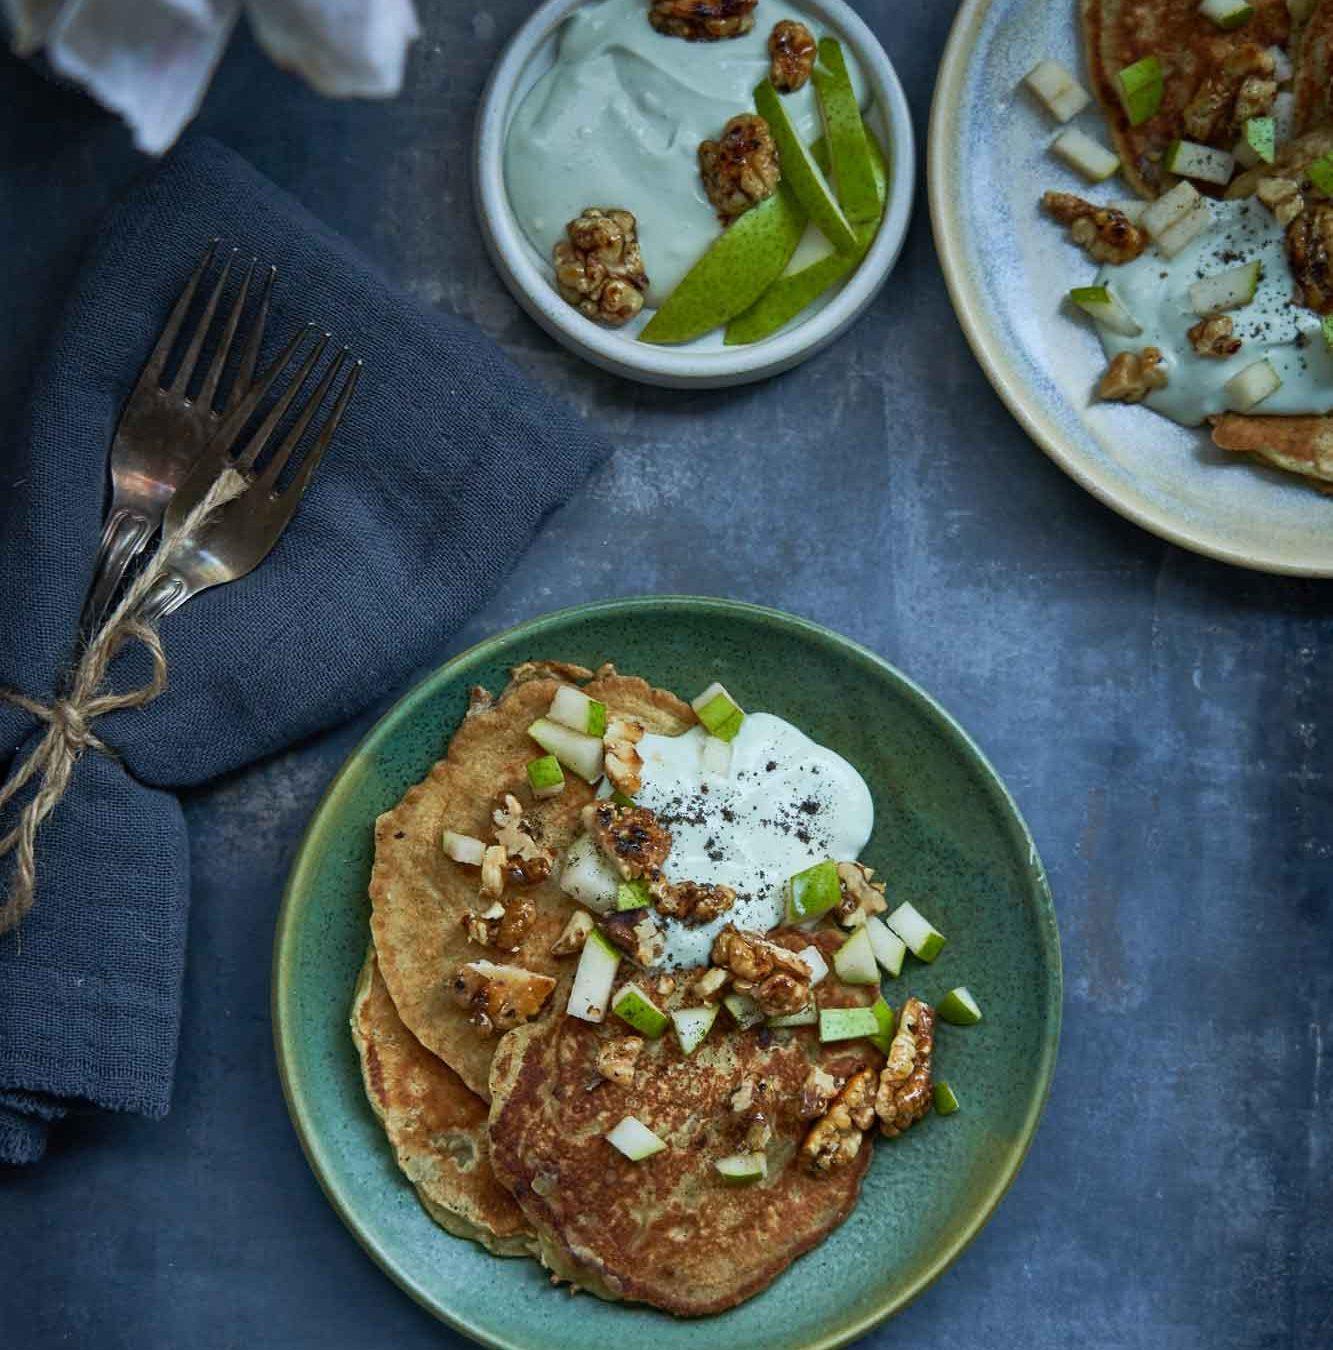 Ost i grønne hverdagsklæder: Pandekager med pære, blåskimmelcreme og honningristede valnødder